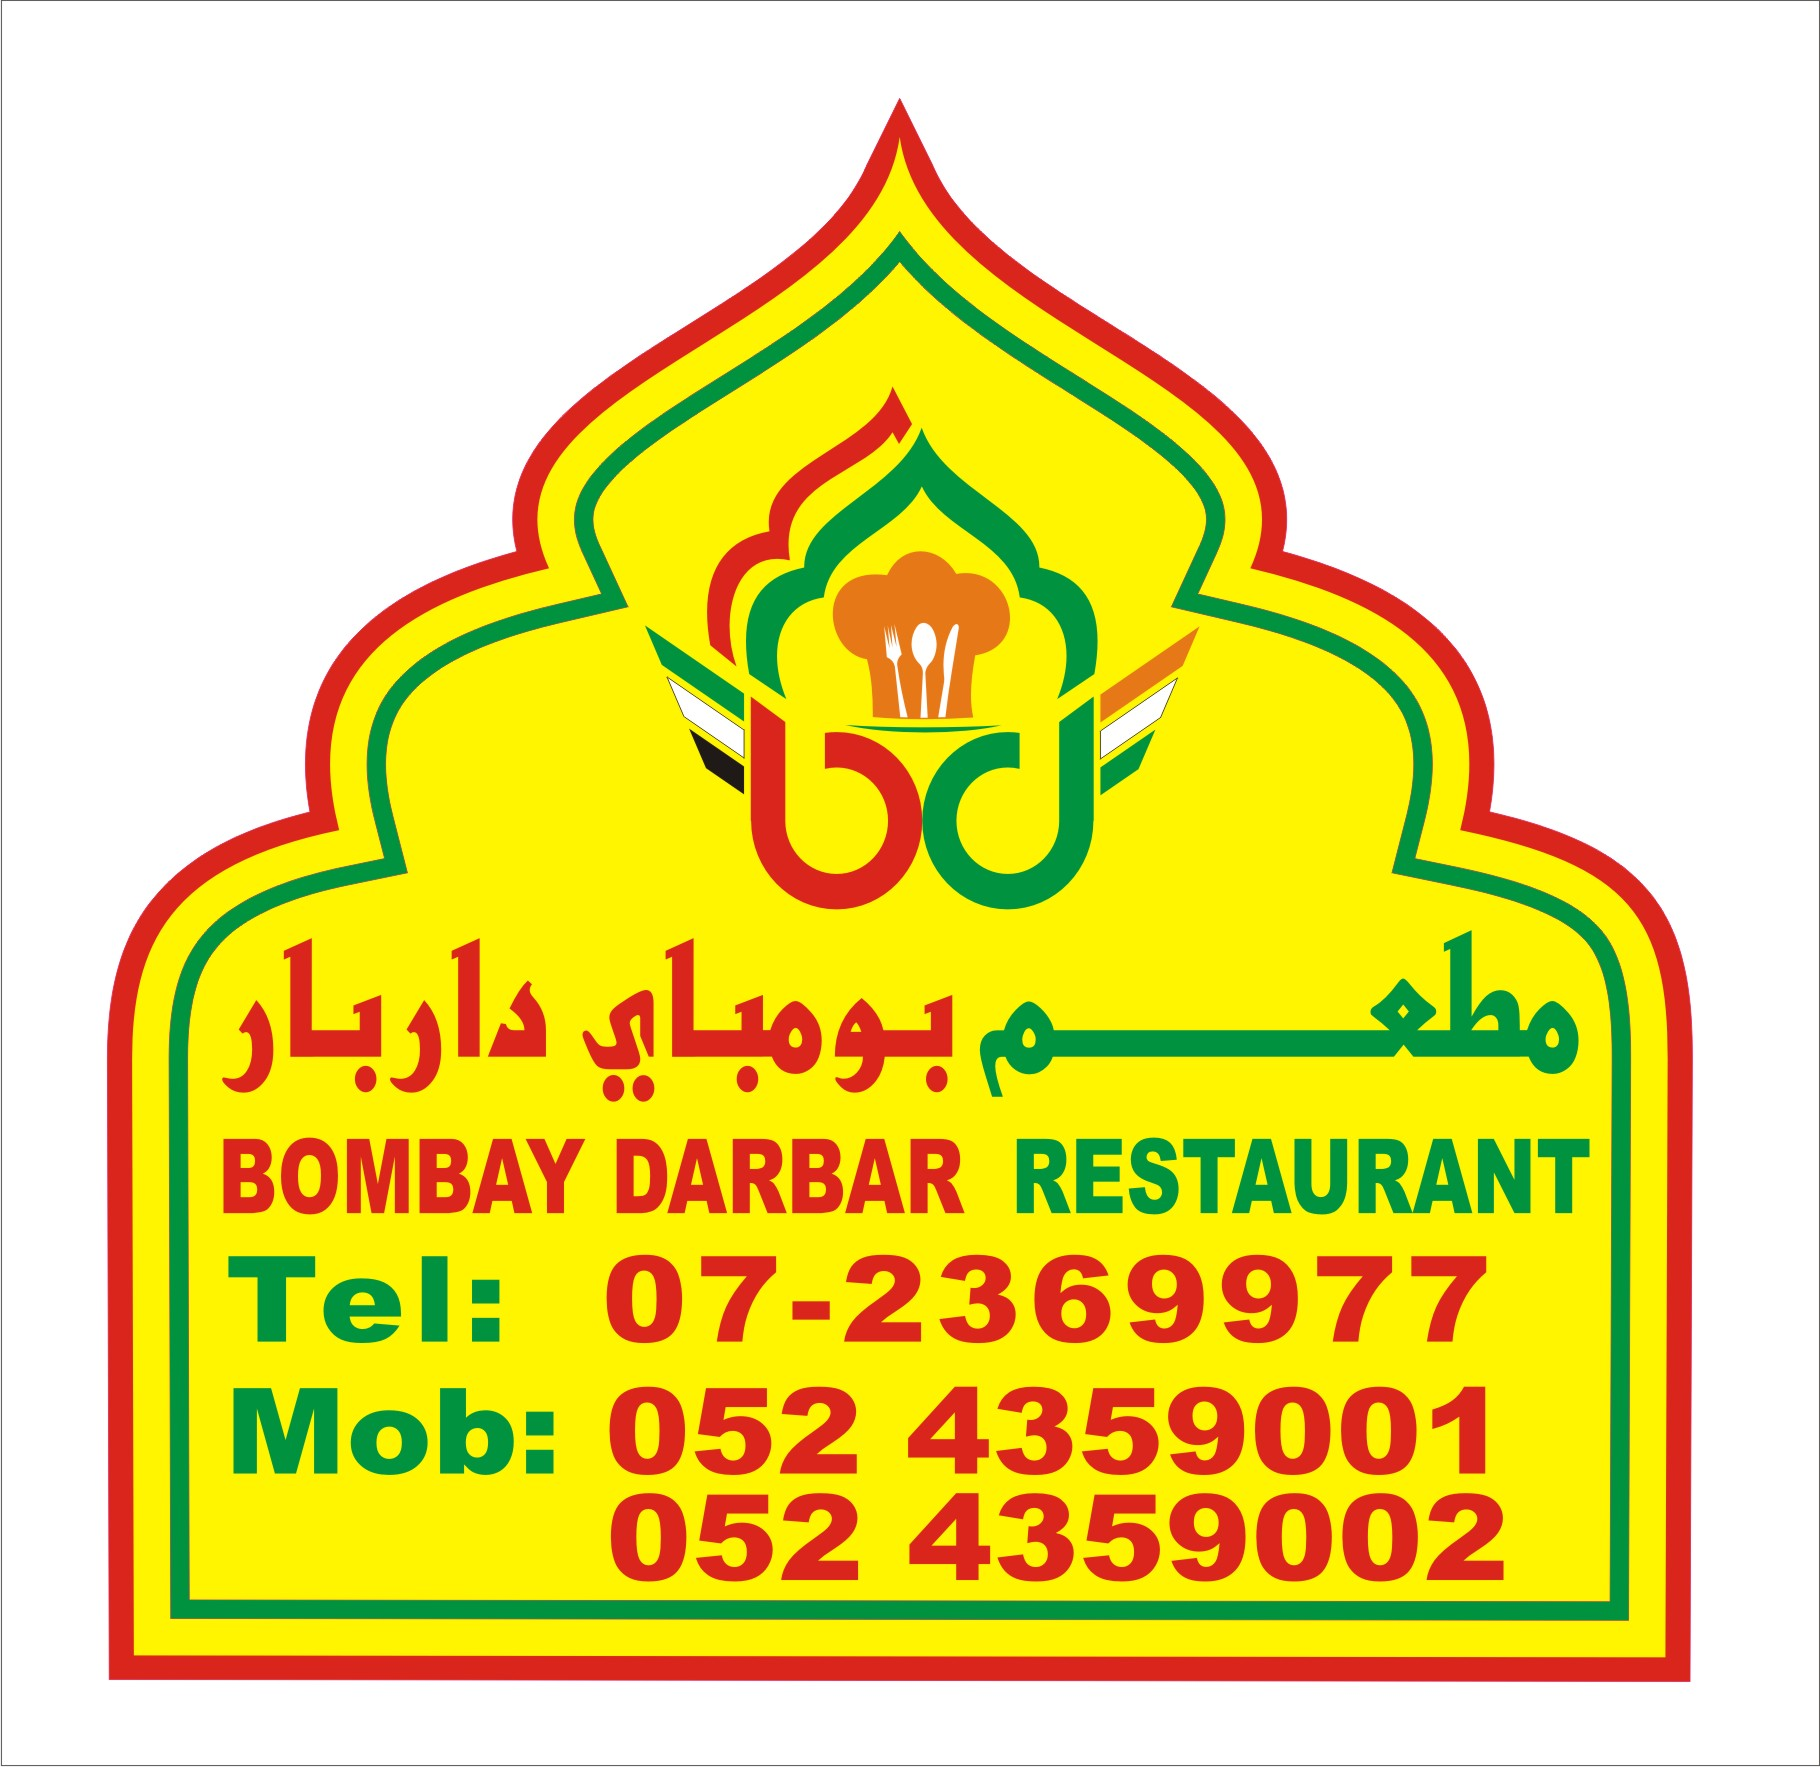 Bombay Darbar menu | Bombay Darbar delivery in Mina Al arab, UAE